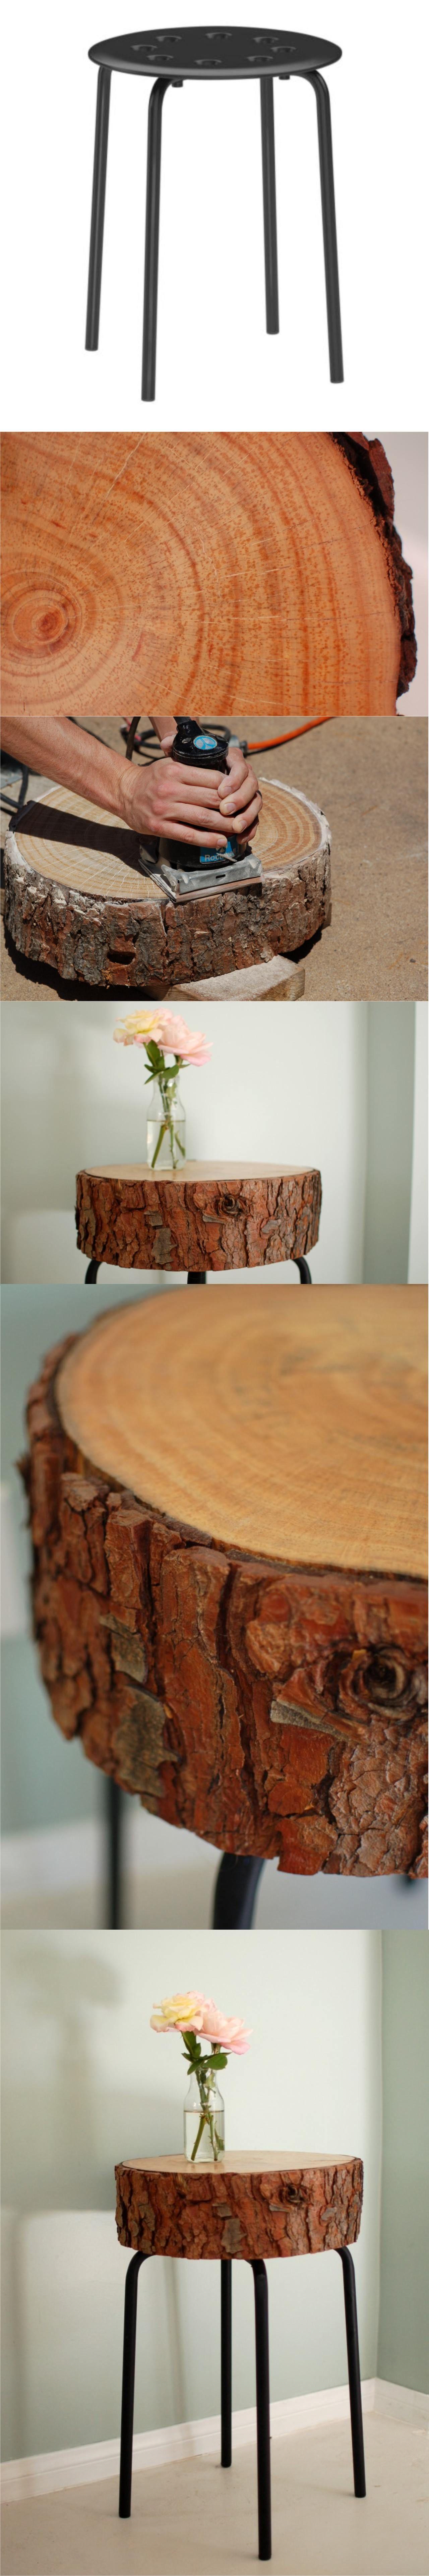 Tree Stump Seats Mesita Con Un Tronco Y Un Taburete De Ikea Un Stump Table And